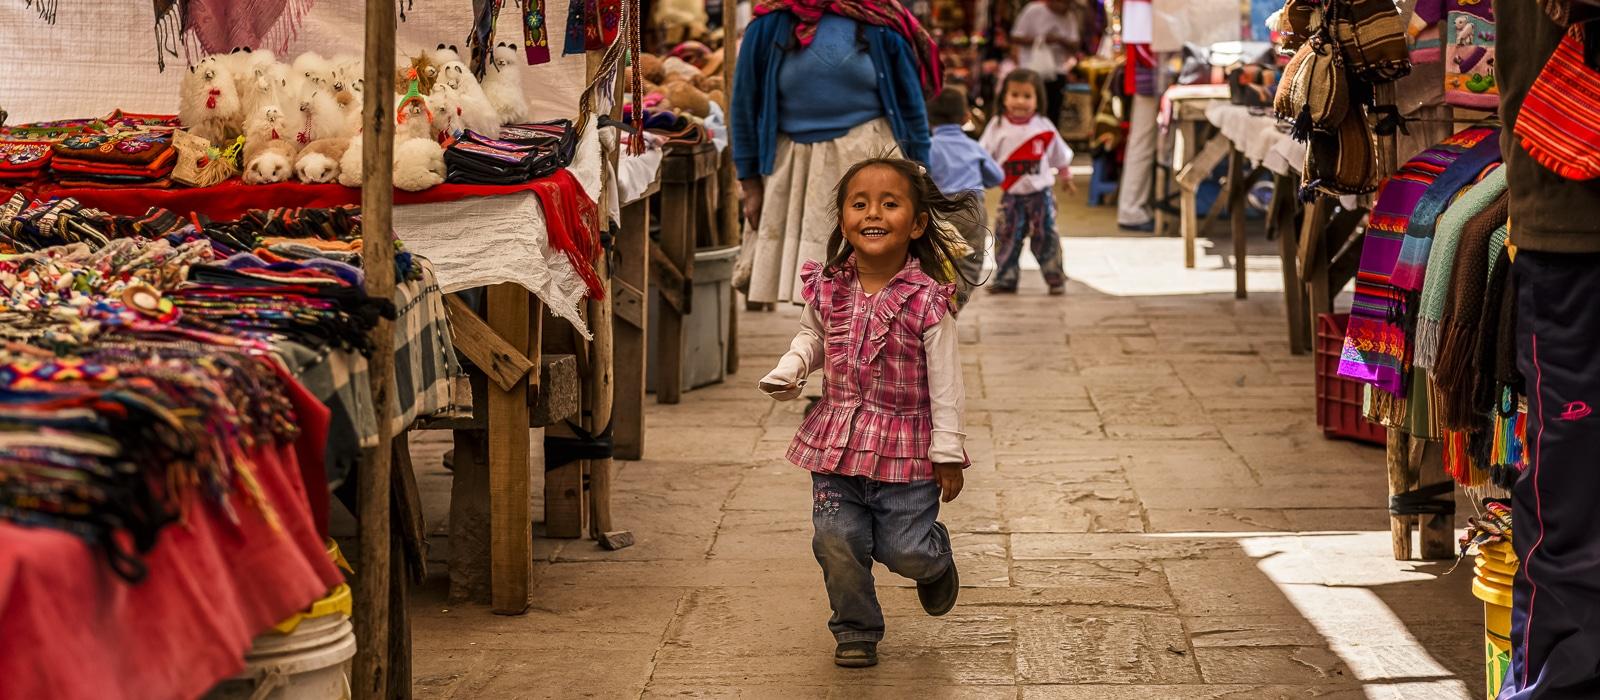 Marché traditionel de Pisac, Pérou - Voyage organisé en petit groupe offert par l'agence de voyage Les routes du Monde